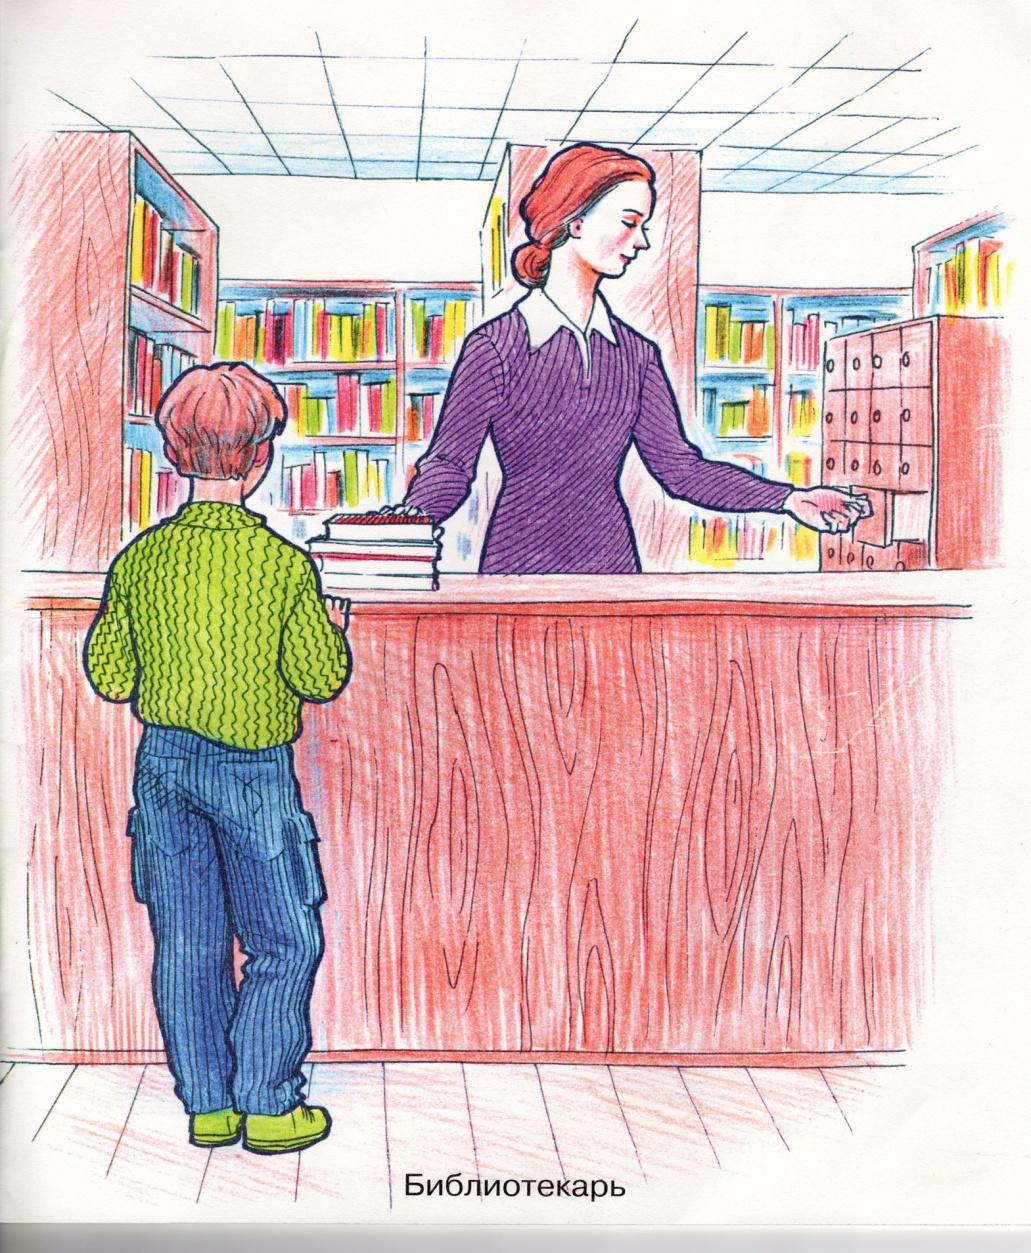 Моя профессия библиотекарь конкурс